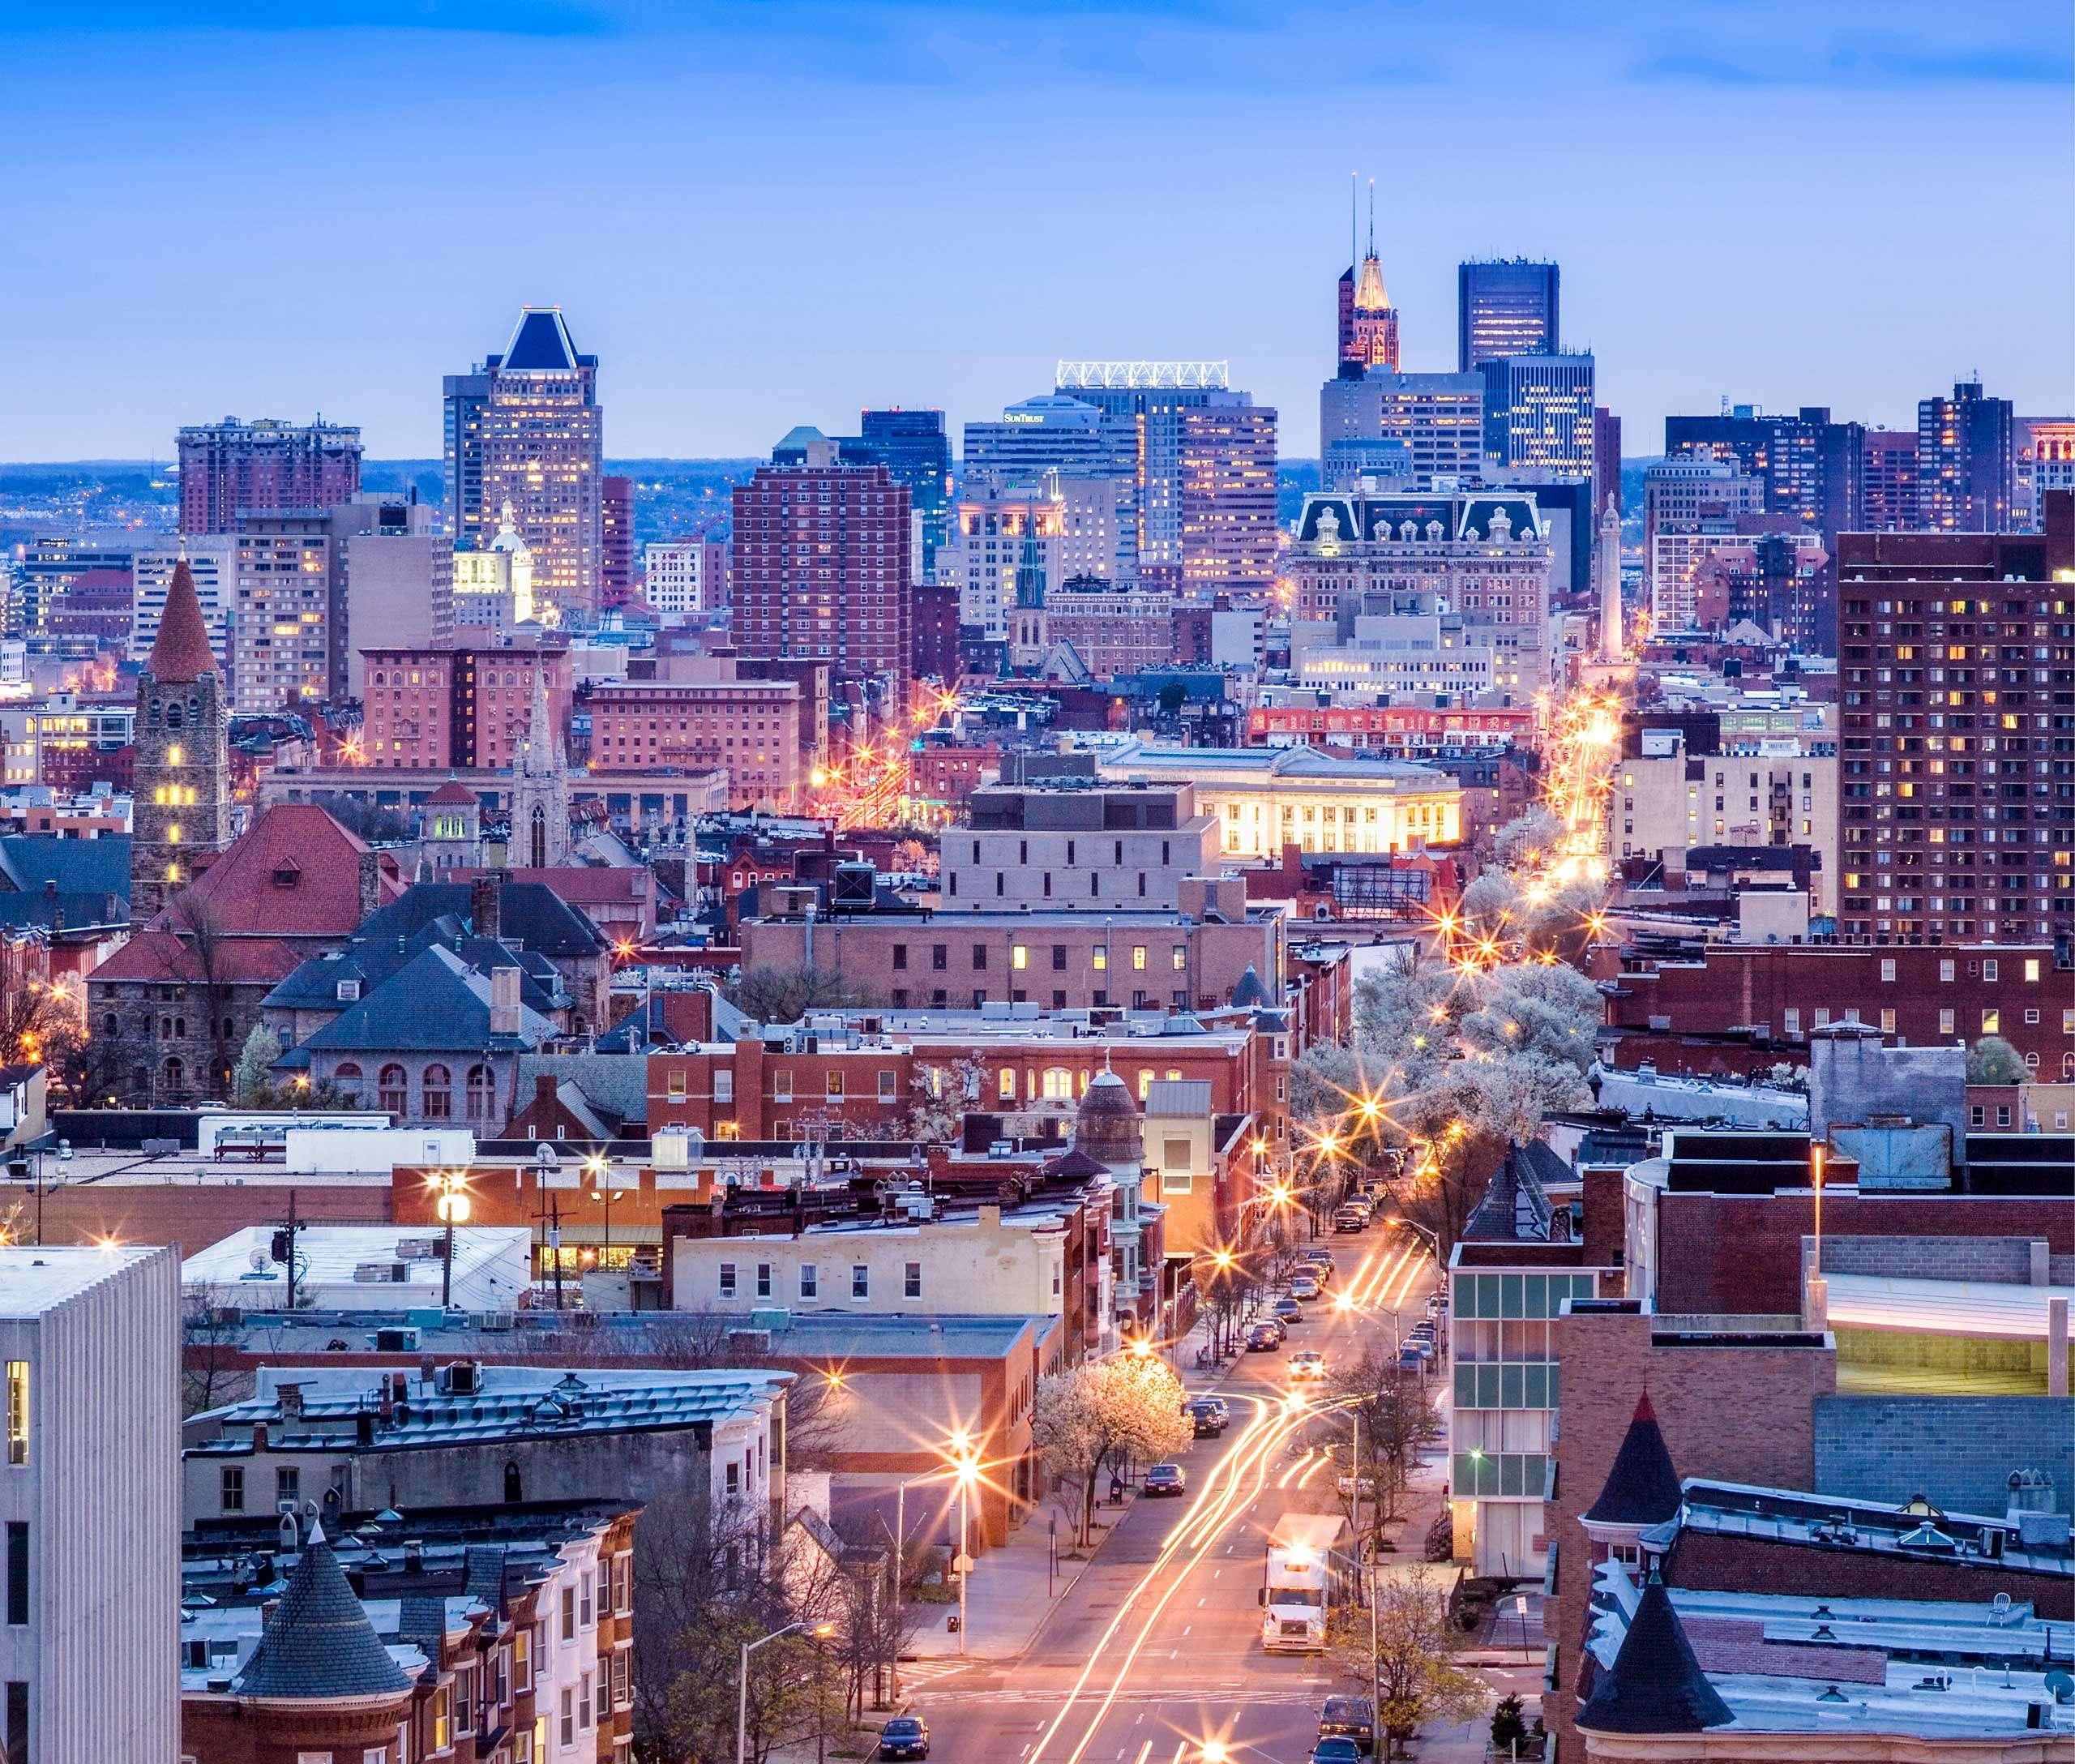 Portfolio - Baltimore - Skylines #23 - PCG 494